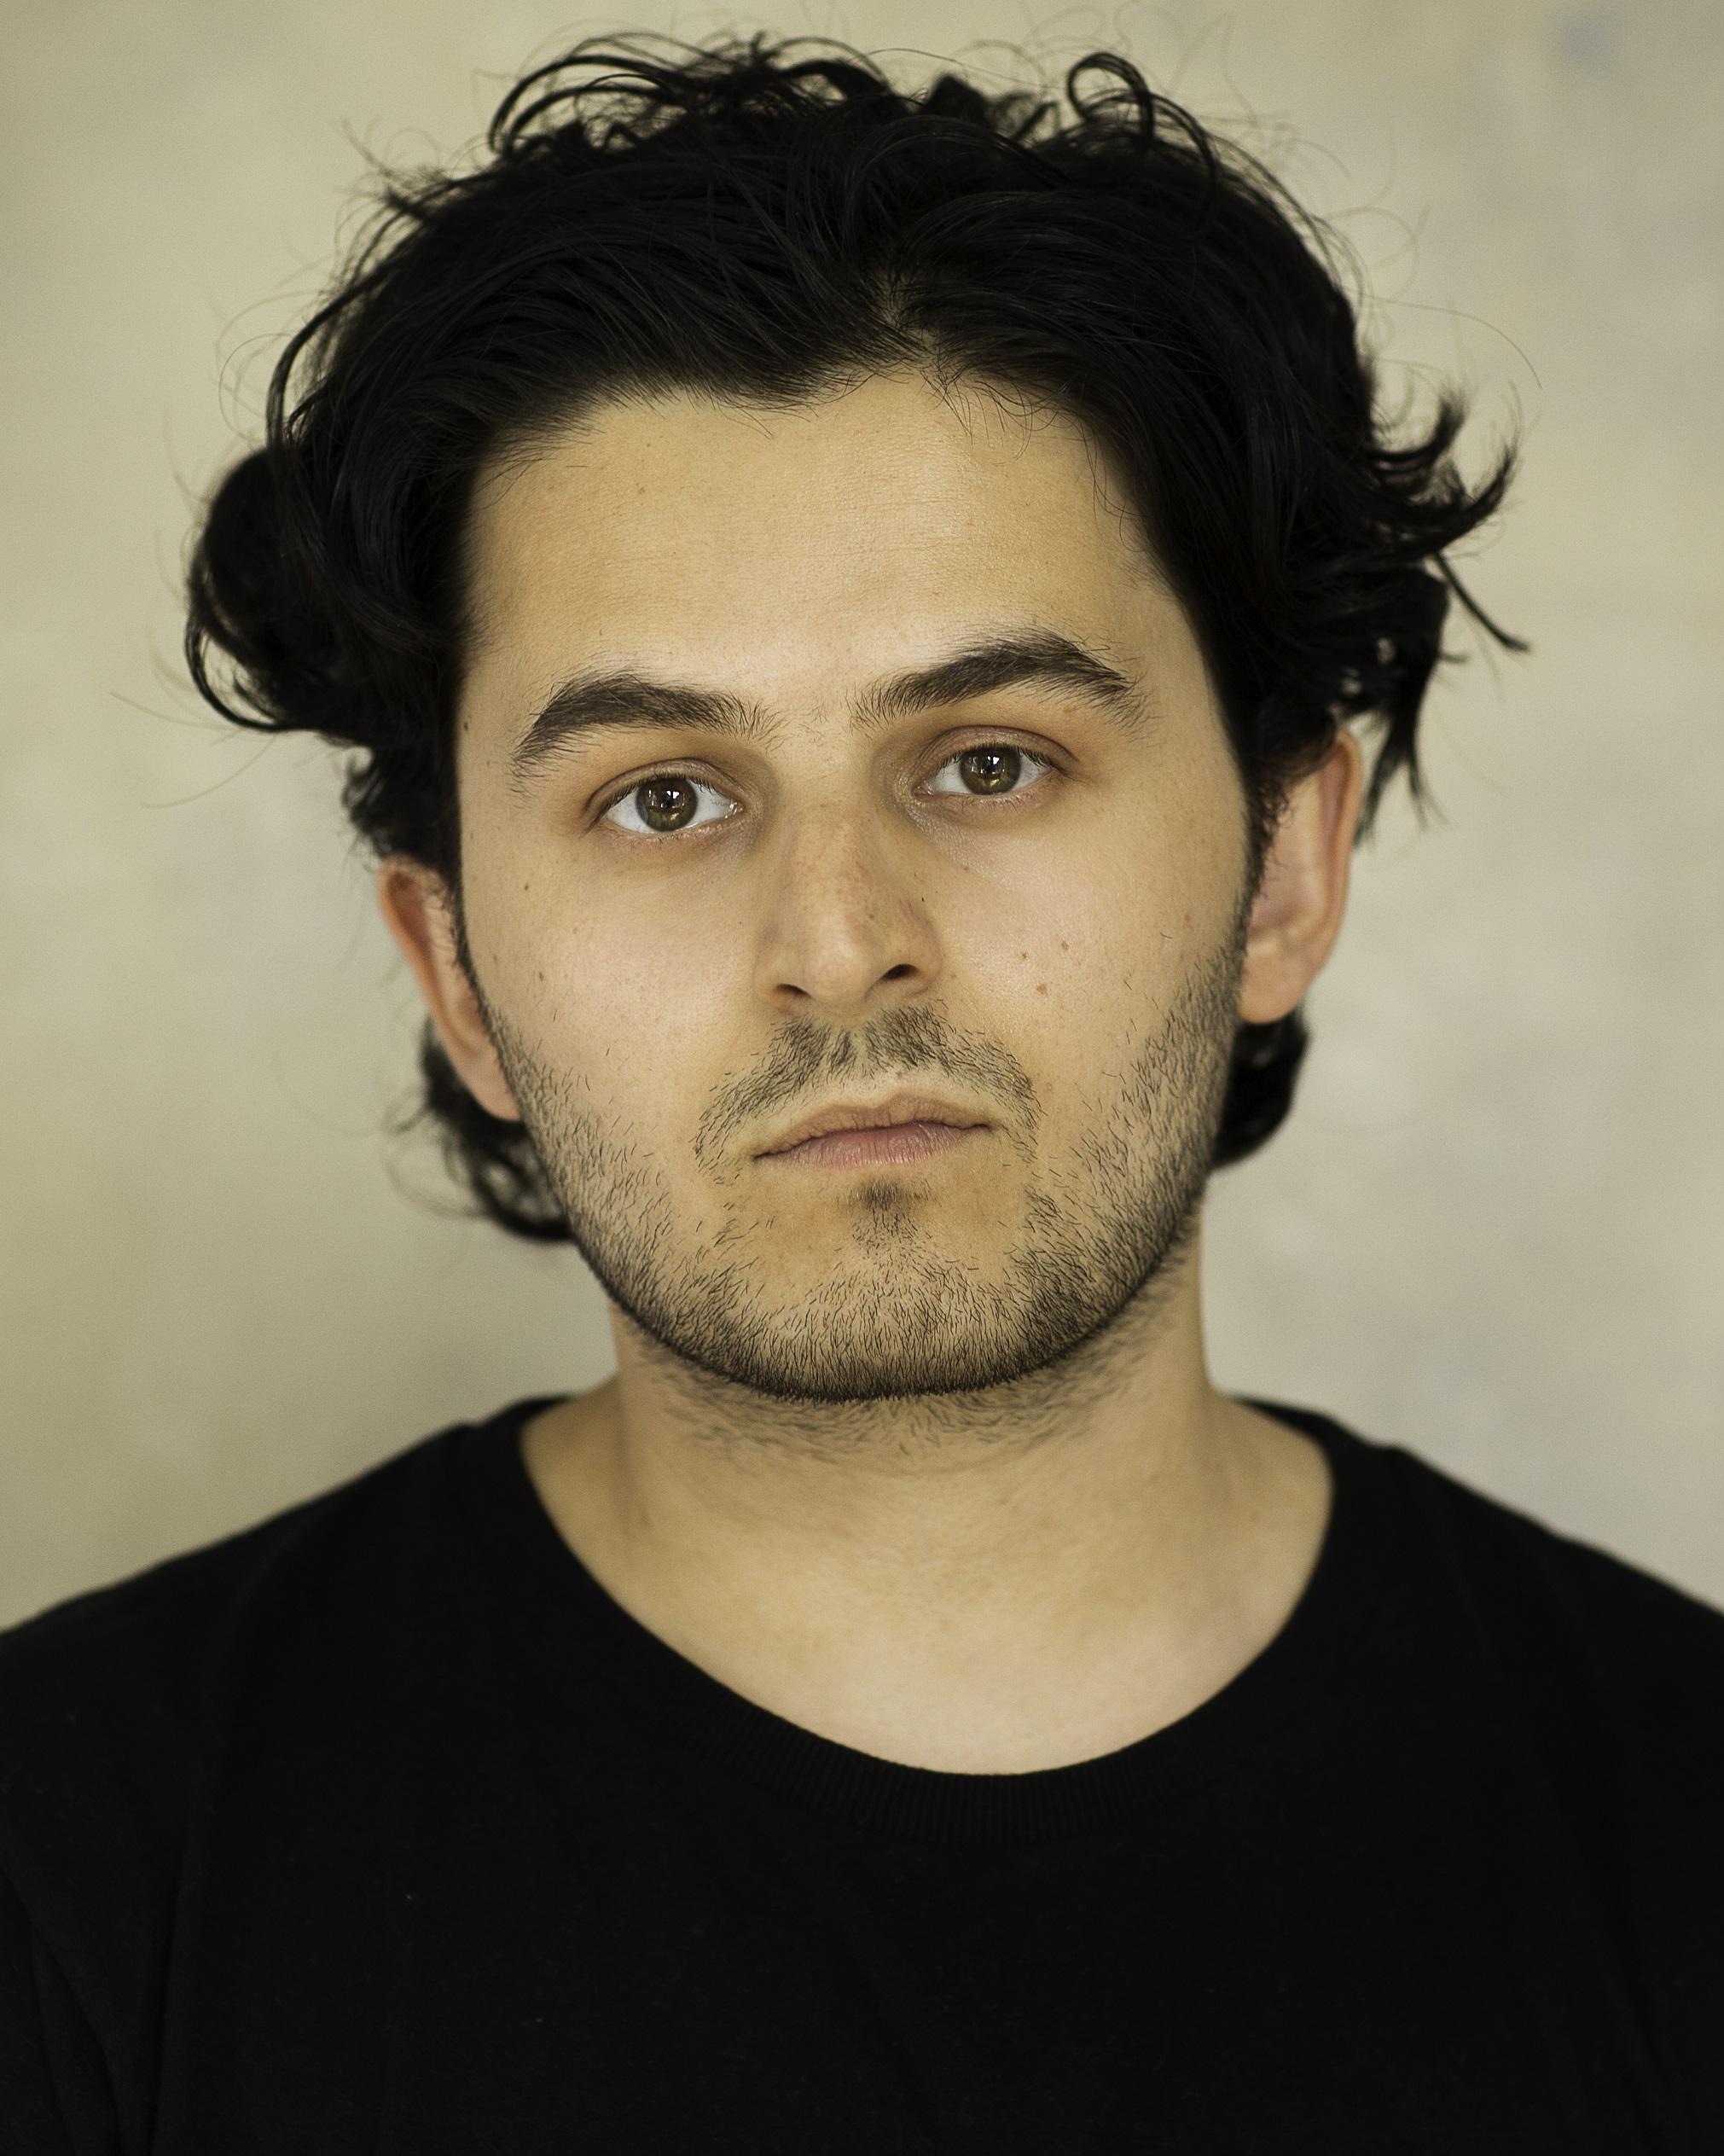 Elham Ehsas